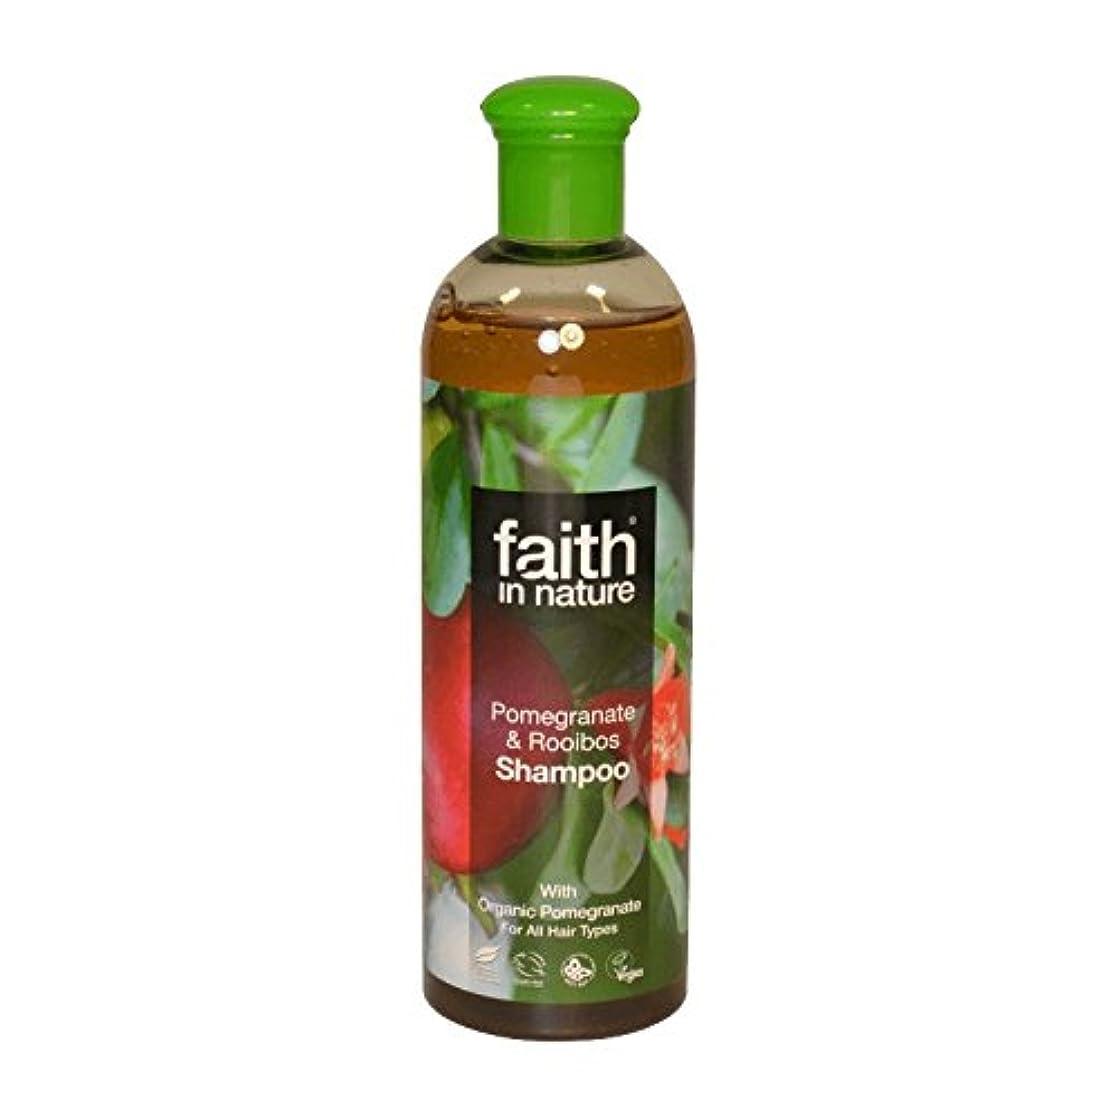 上下するローズノミネート自然ザクロ&Roobiosシャンプー400ミリリットルの信仰 - Faith in Nature Pomegranate & Roobios Shampoo 400ml (Faith in Nature) [並行輸入品]